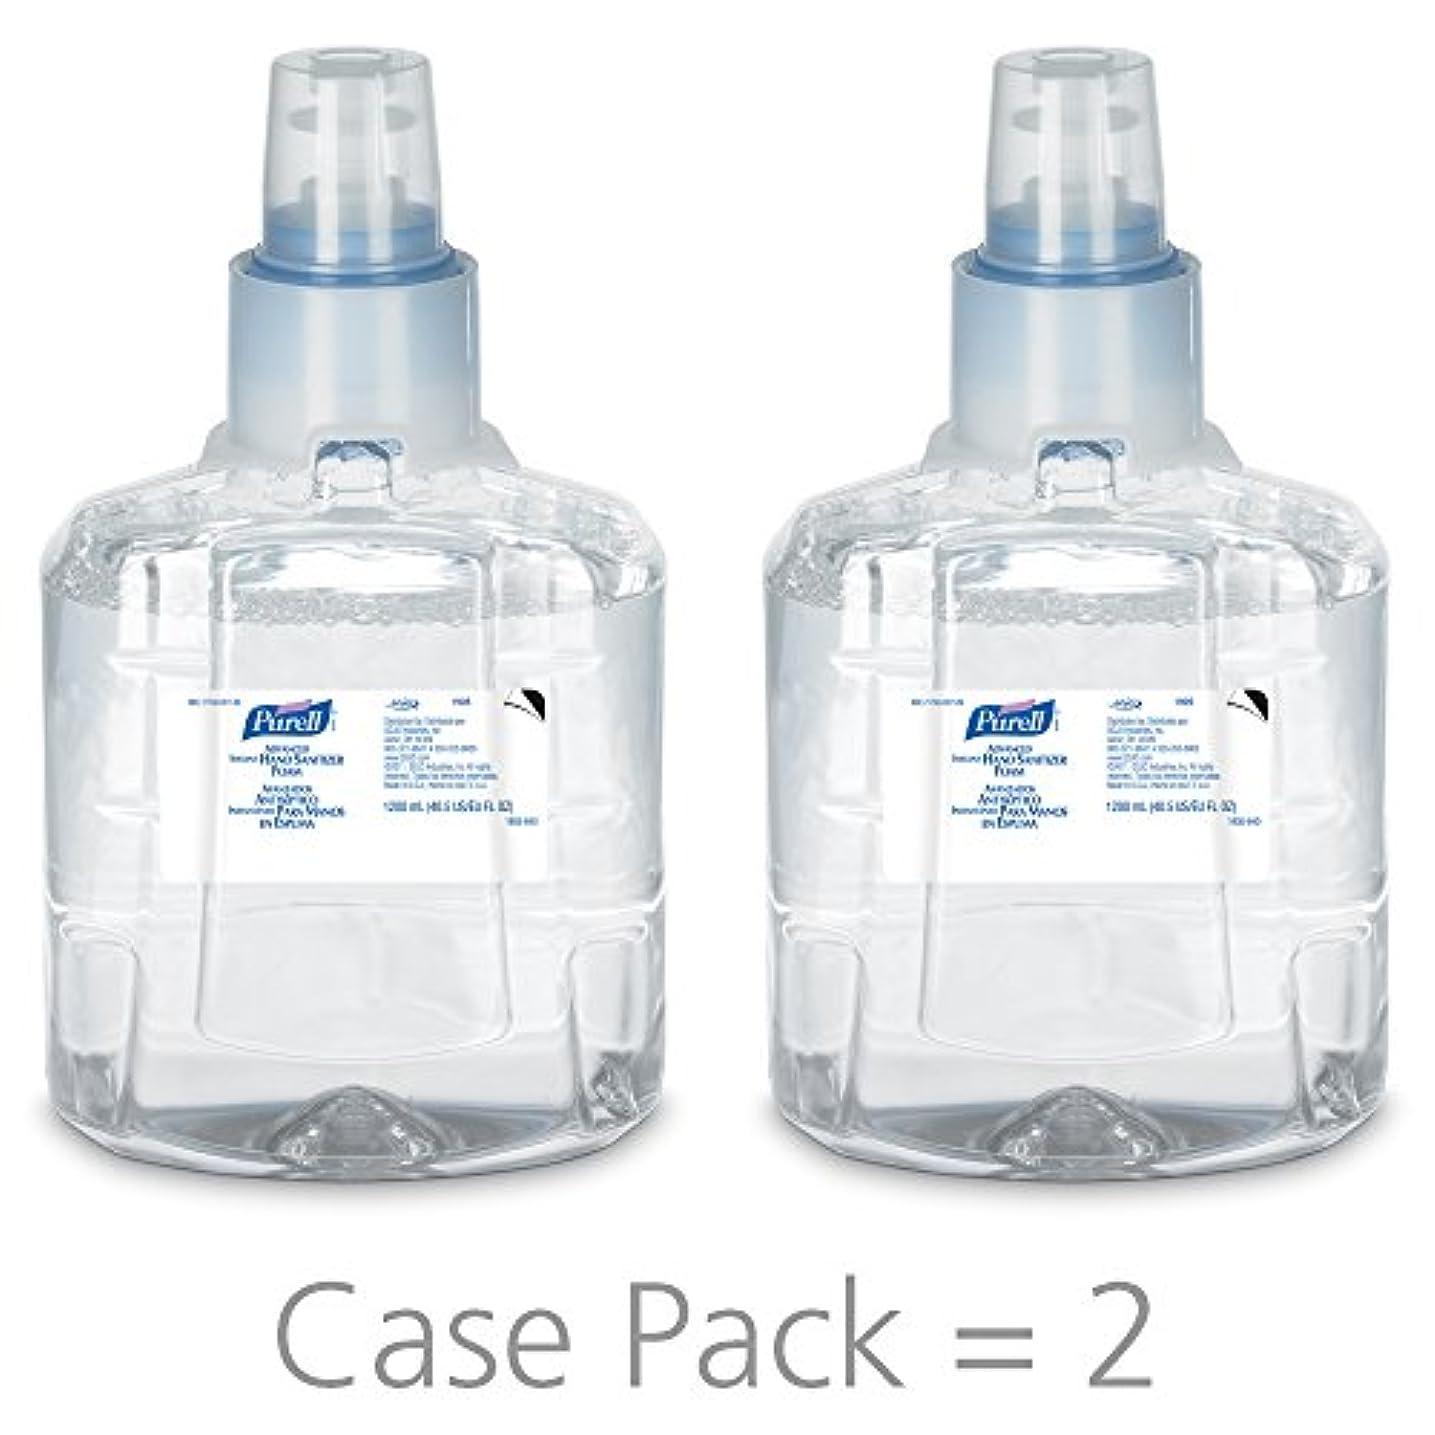 合体代表レジPURELL 1905-02 1200 mL Advanced Hand Sanitizer Foam, LTX-12 Refill (Pack of 2) by Purell